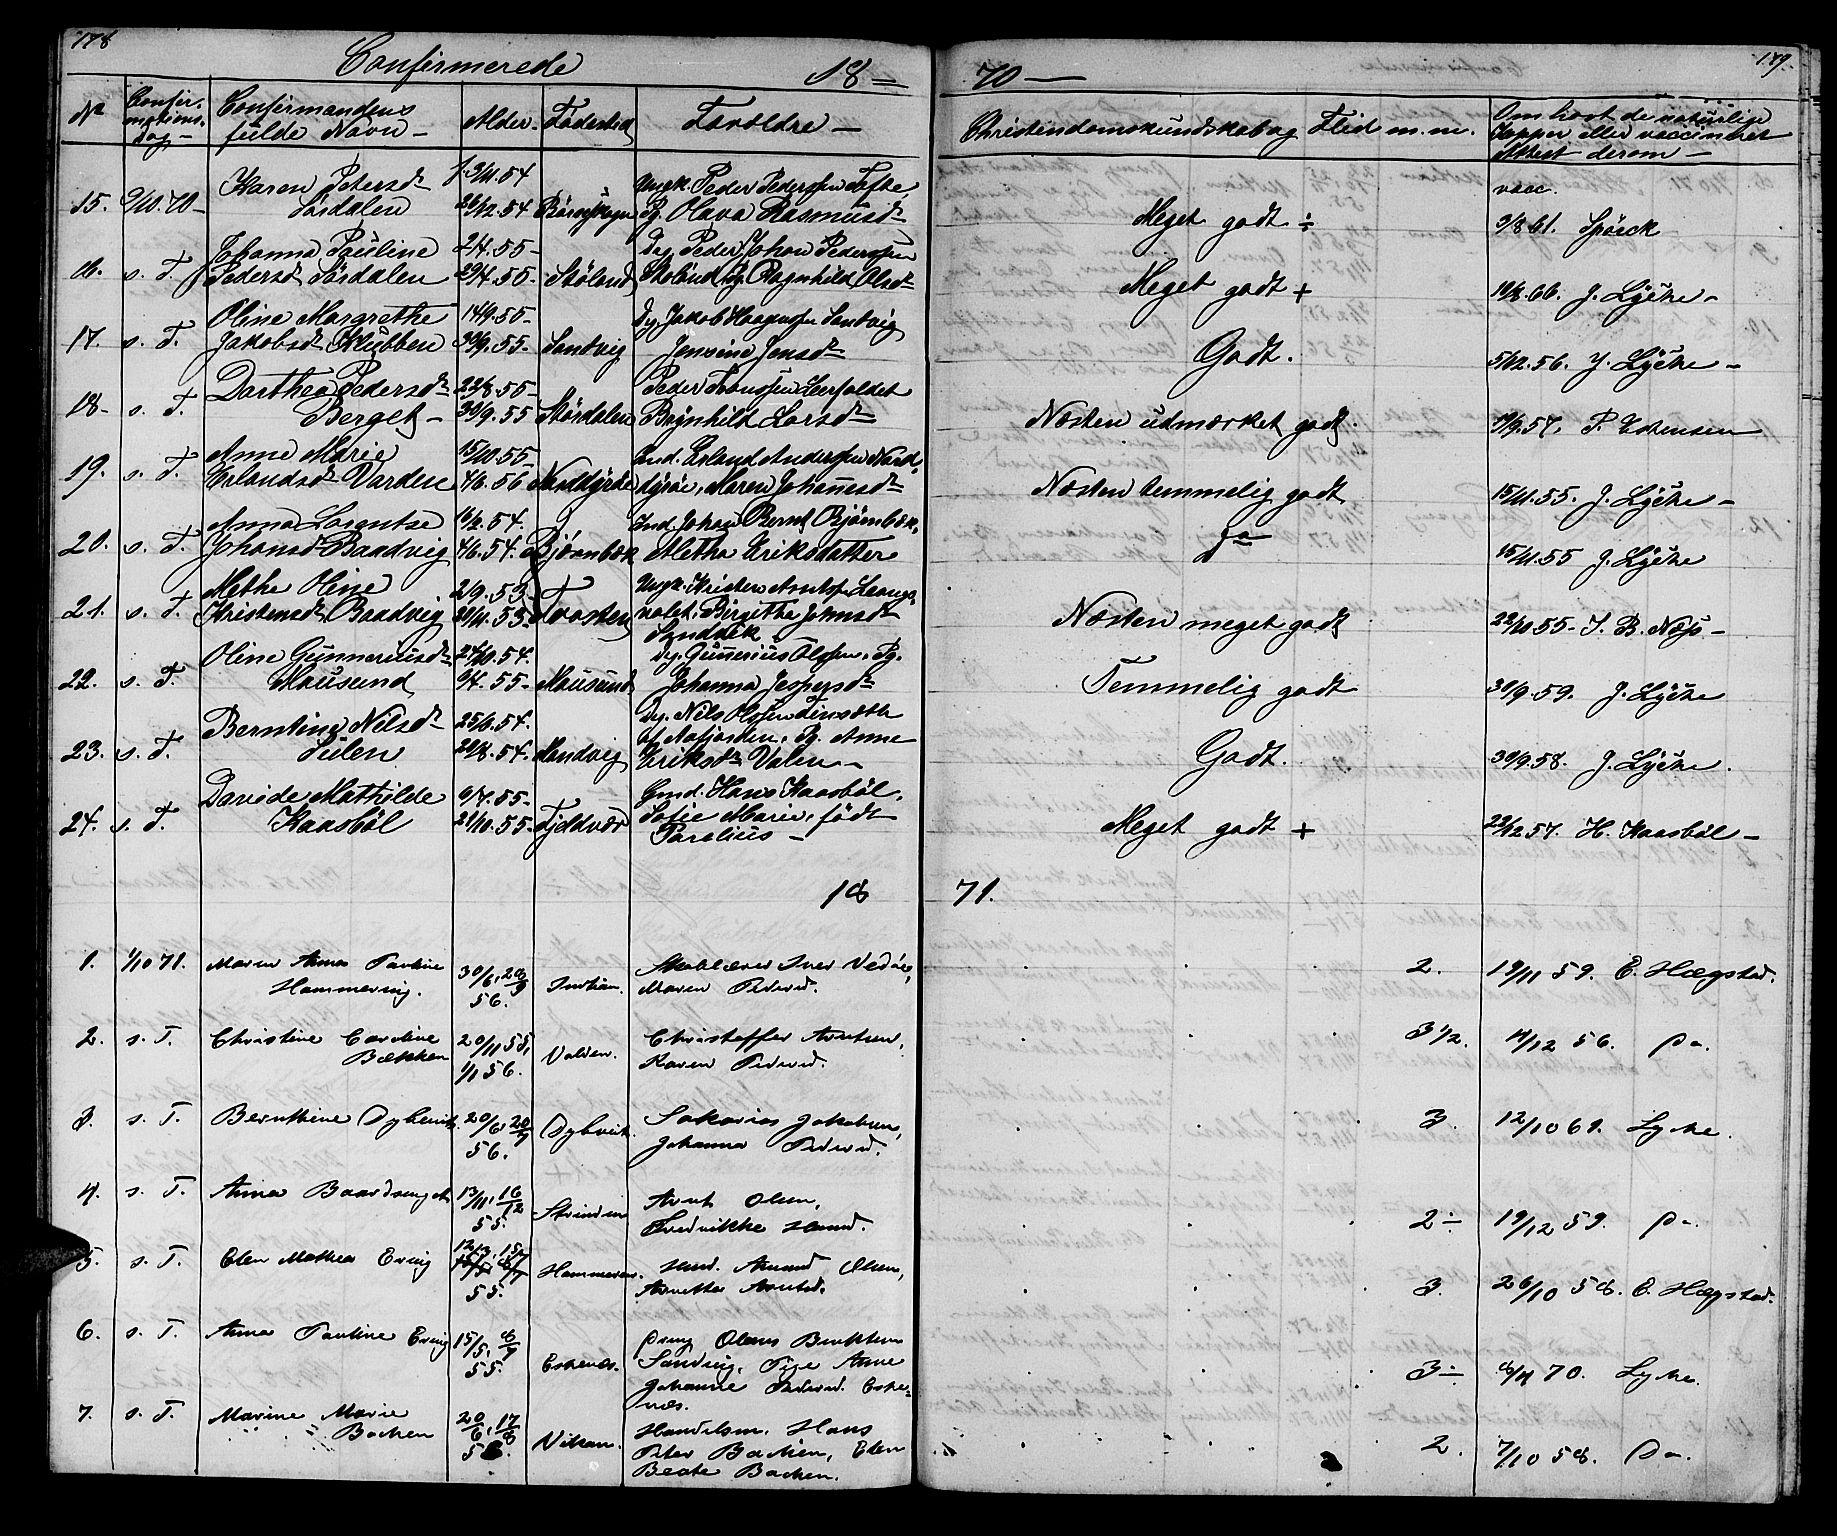 SAT, Ministerialprotokoller, klokkerbøker og fødselsregistre - Sør-Trøndelag, 640/L0583: Klokkerbok nr. 640C01, 1866-1877, s. 178-179